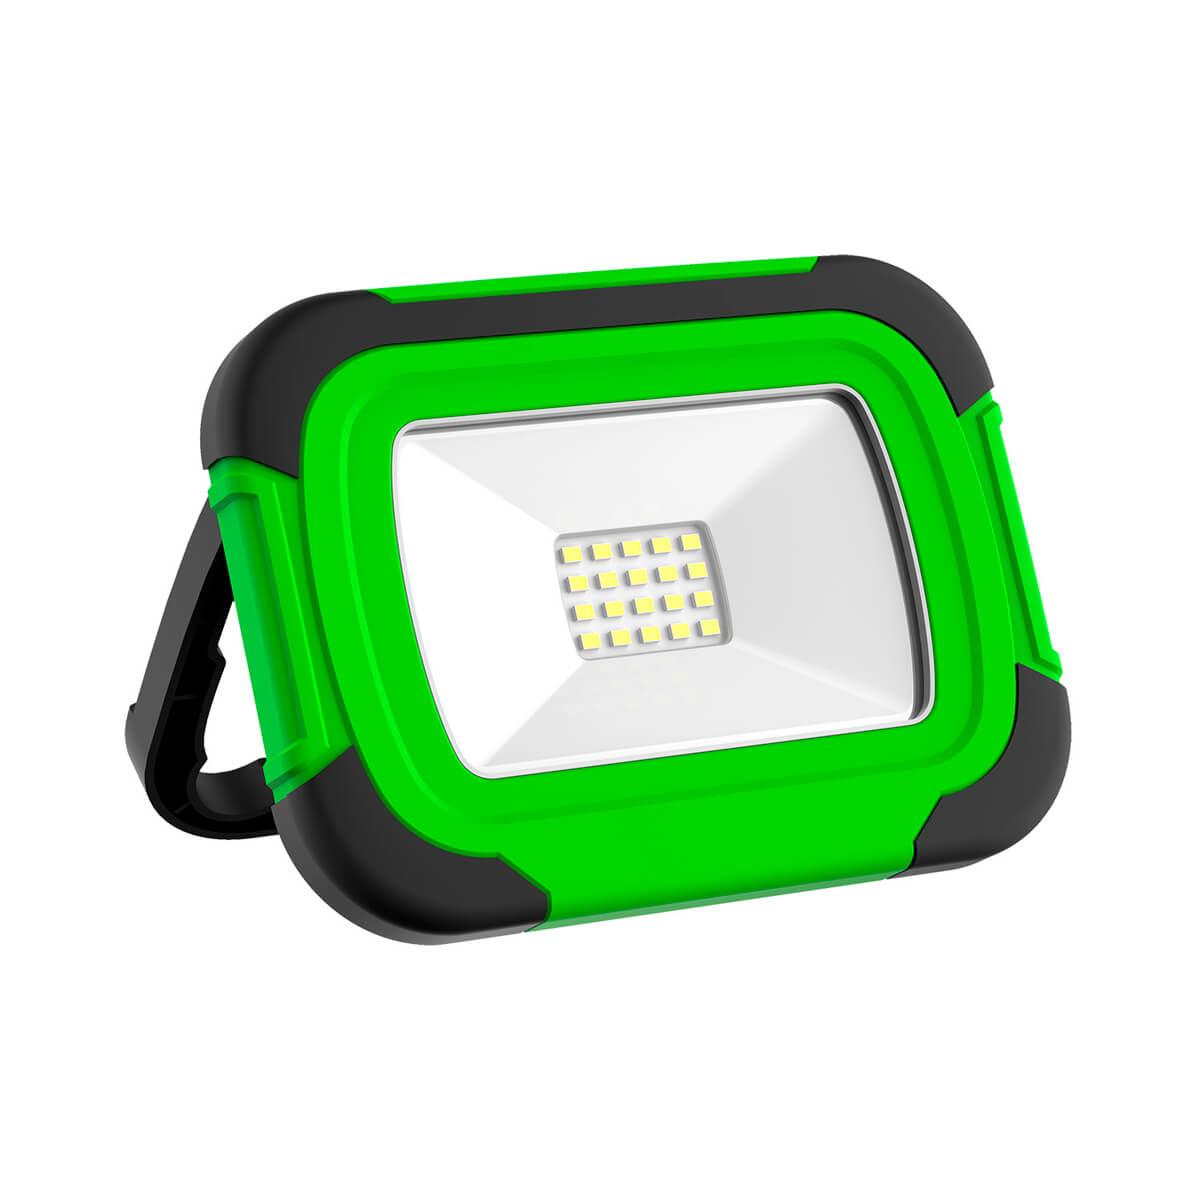 Прожектор Gauss 686400310 Portable Light (USB зарядное устройство)